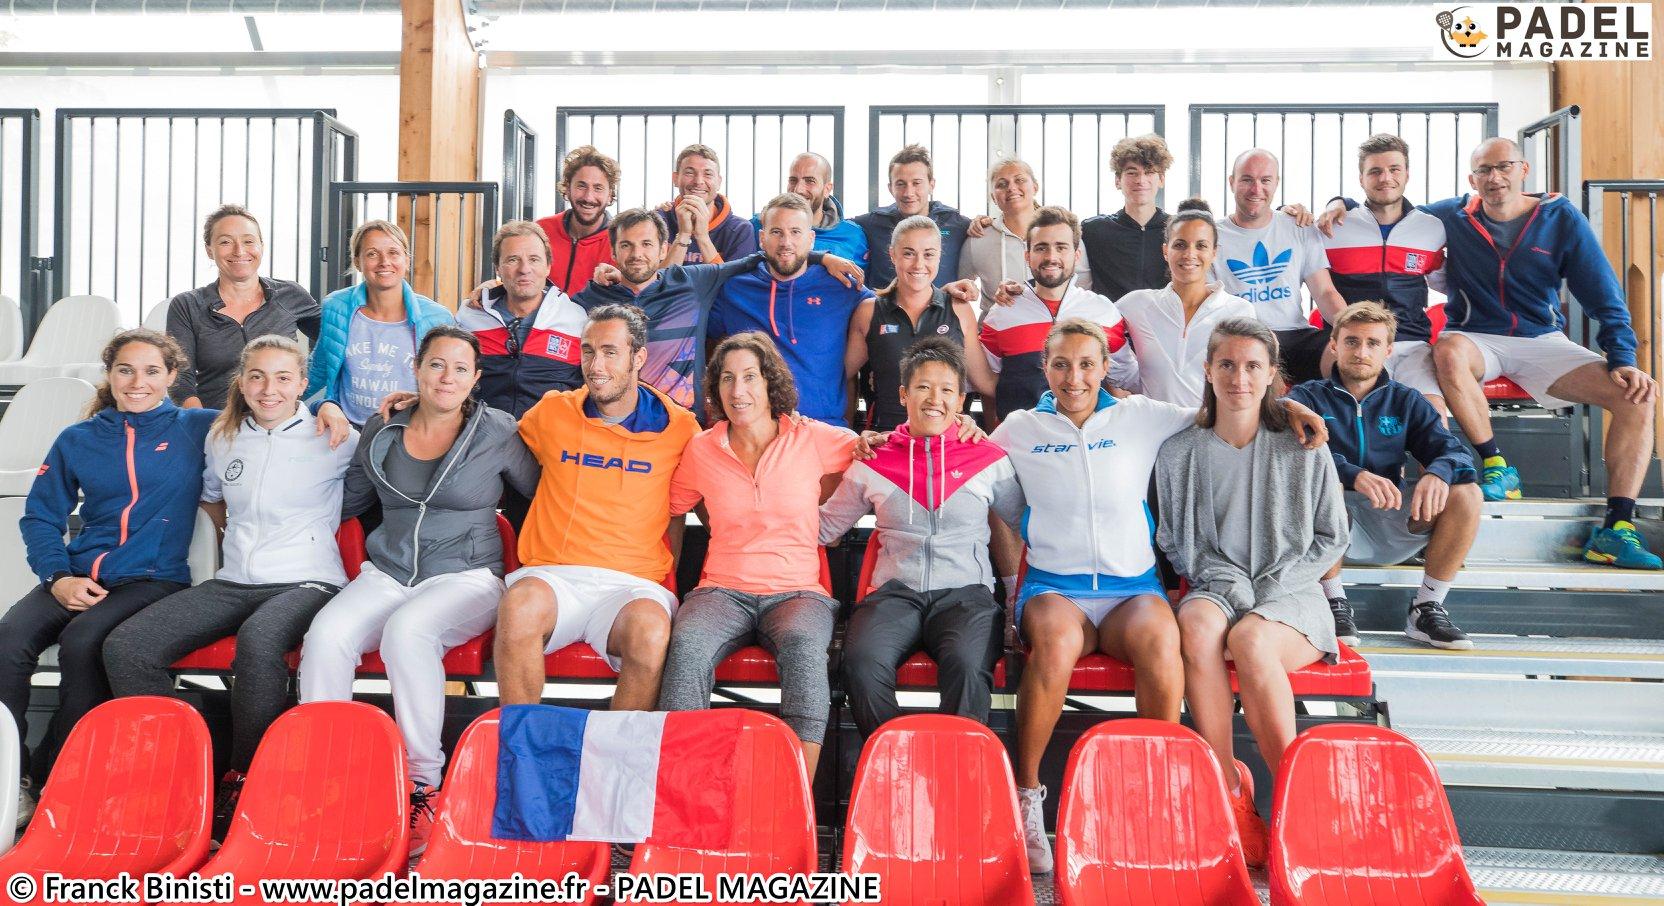 パラグアイでの世界選手権のフランスチームの誰ですか?